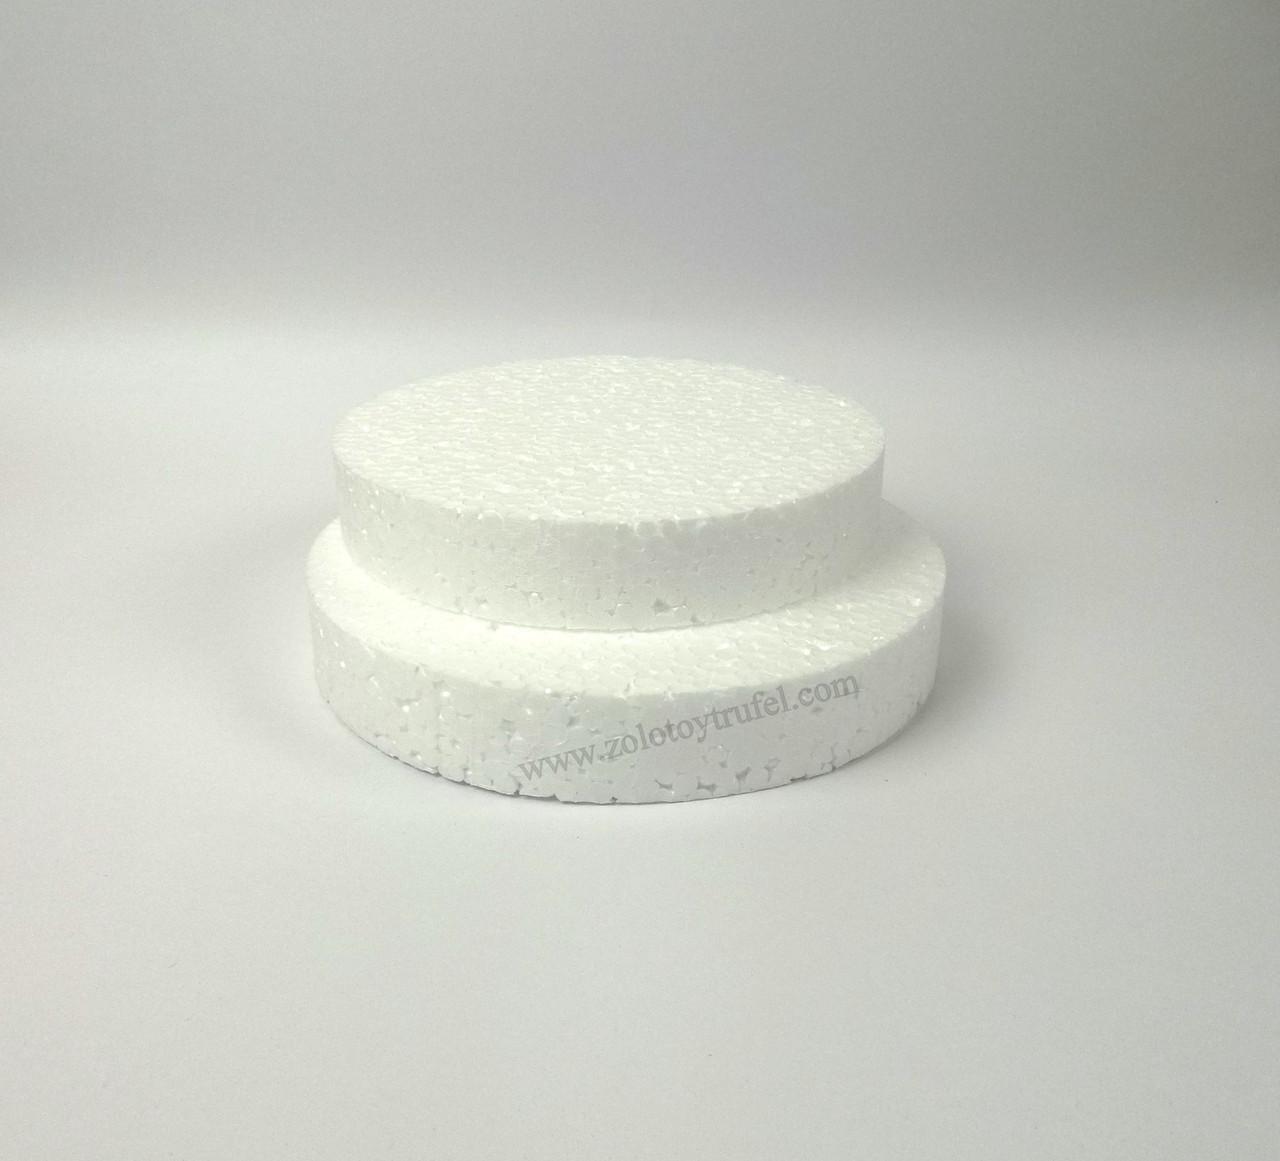 Прослойки пенопластовые для торта d 30 см h 3 см